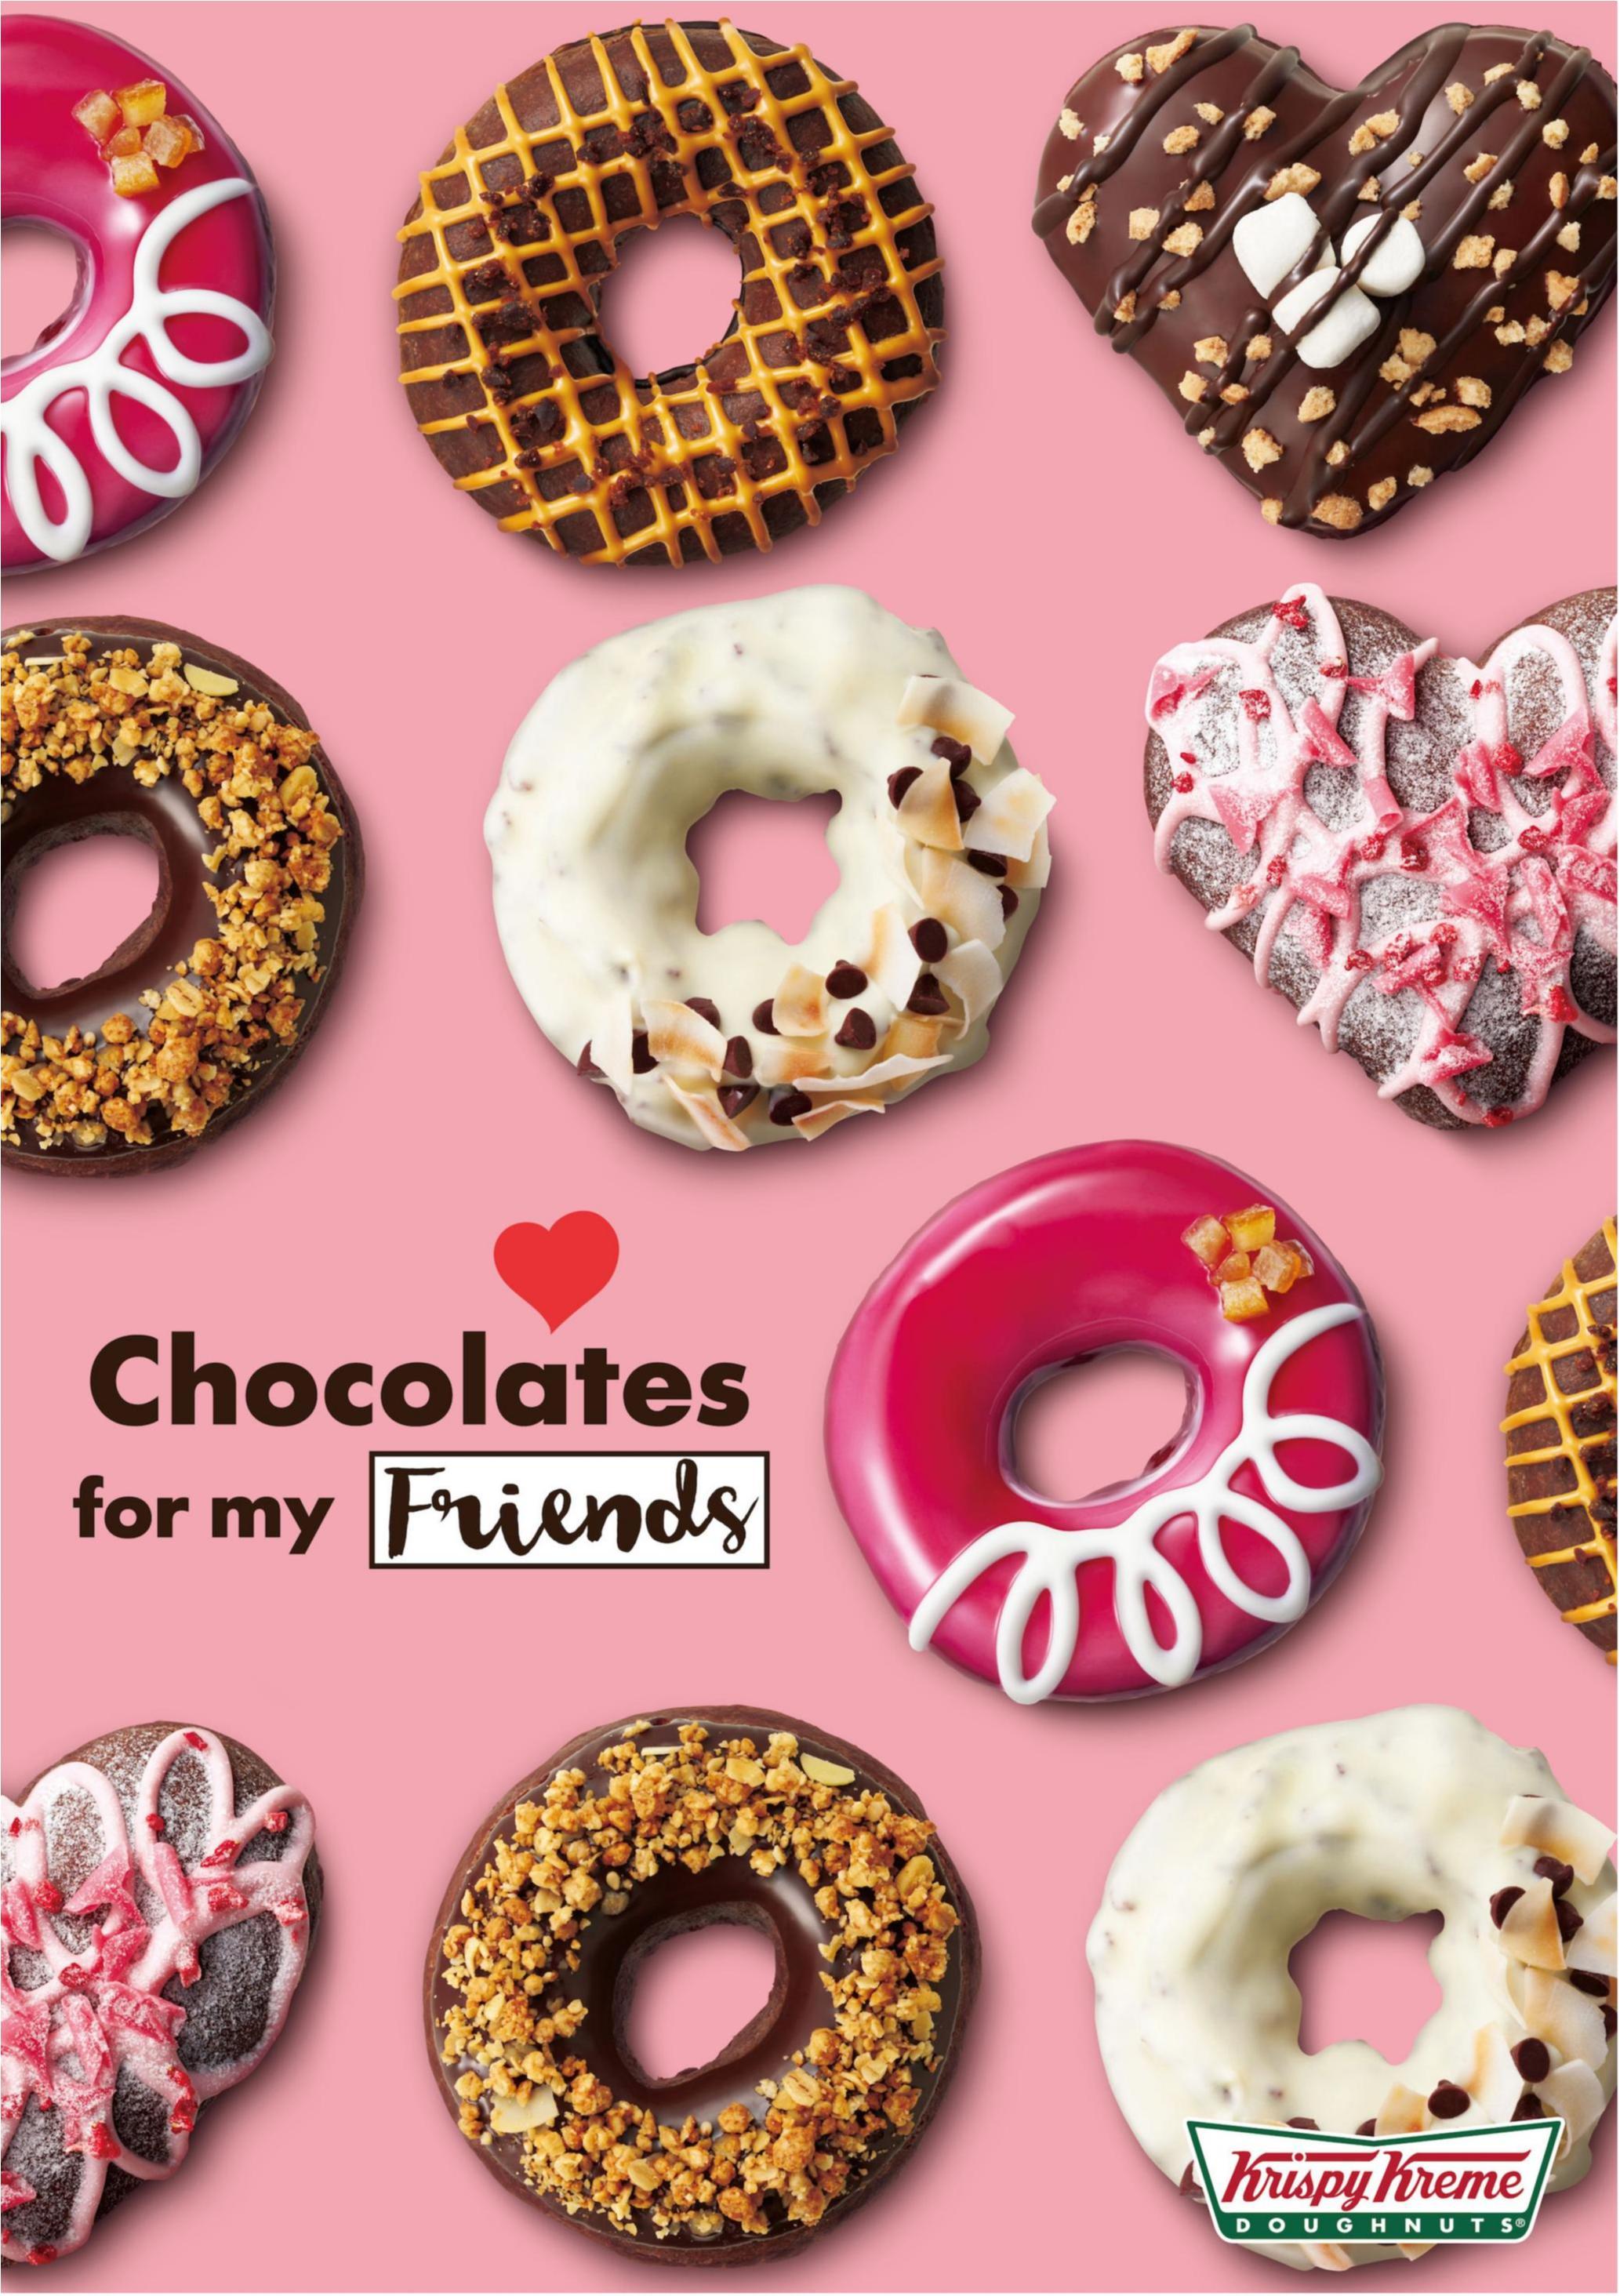 カワイイもオイシイも叶うバレンタインは『クリスピー・クリーム・ドーナツ』で♡_1